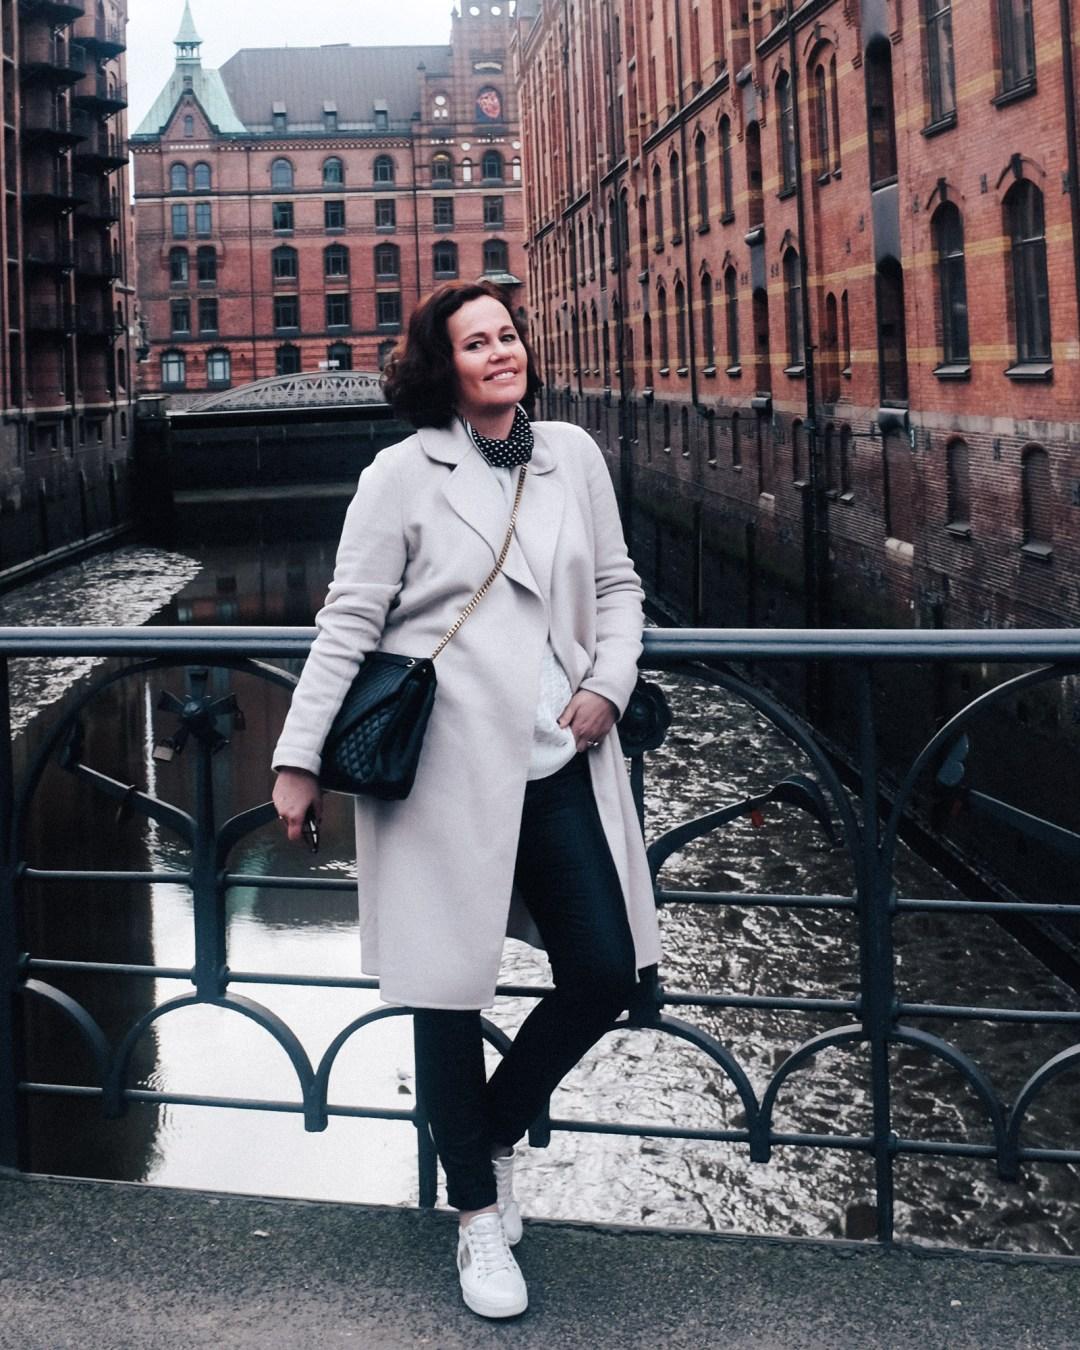 inastil, Ü50Blogger, Hamburg, Citytrip, Hamburgtrip, Städtereise, FashionÜ50, Stilberatung, Stylingtipps, Modeblog,_-18